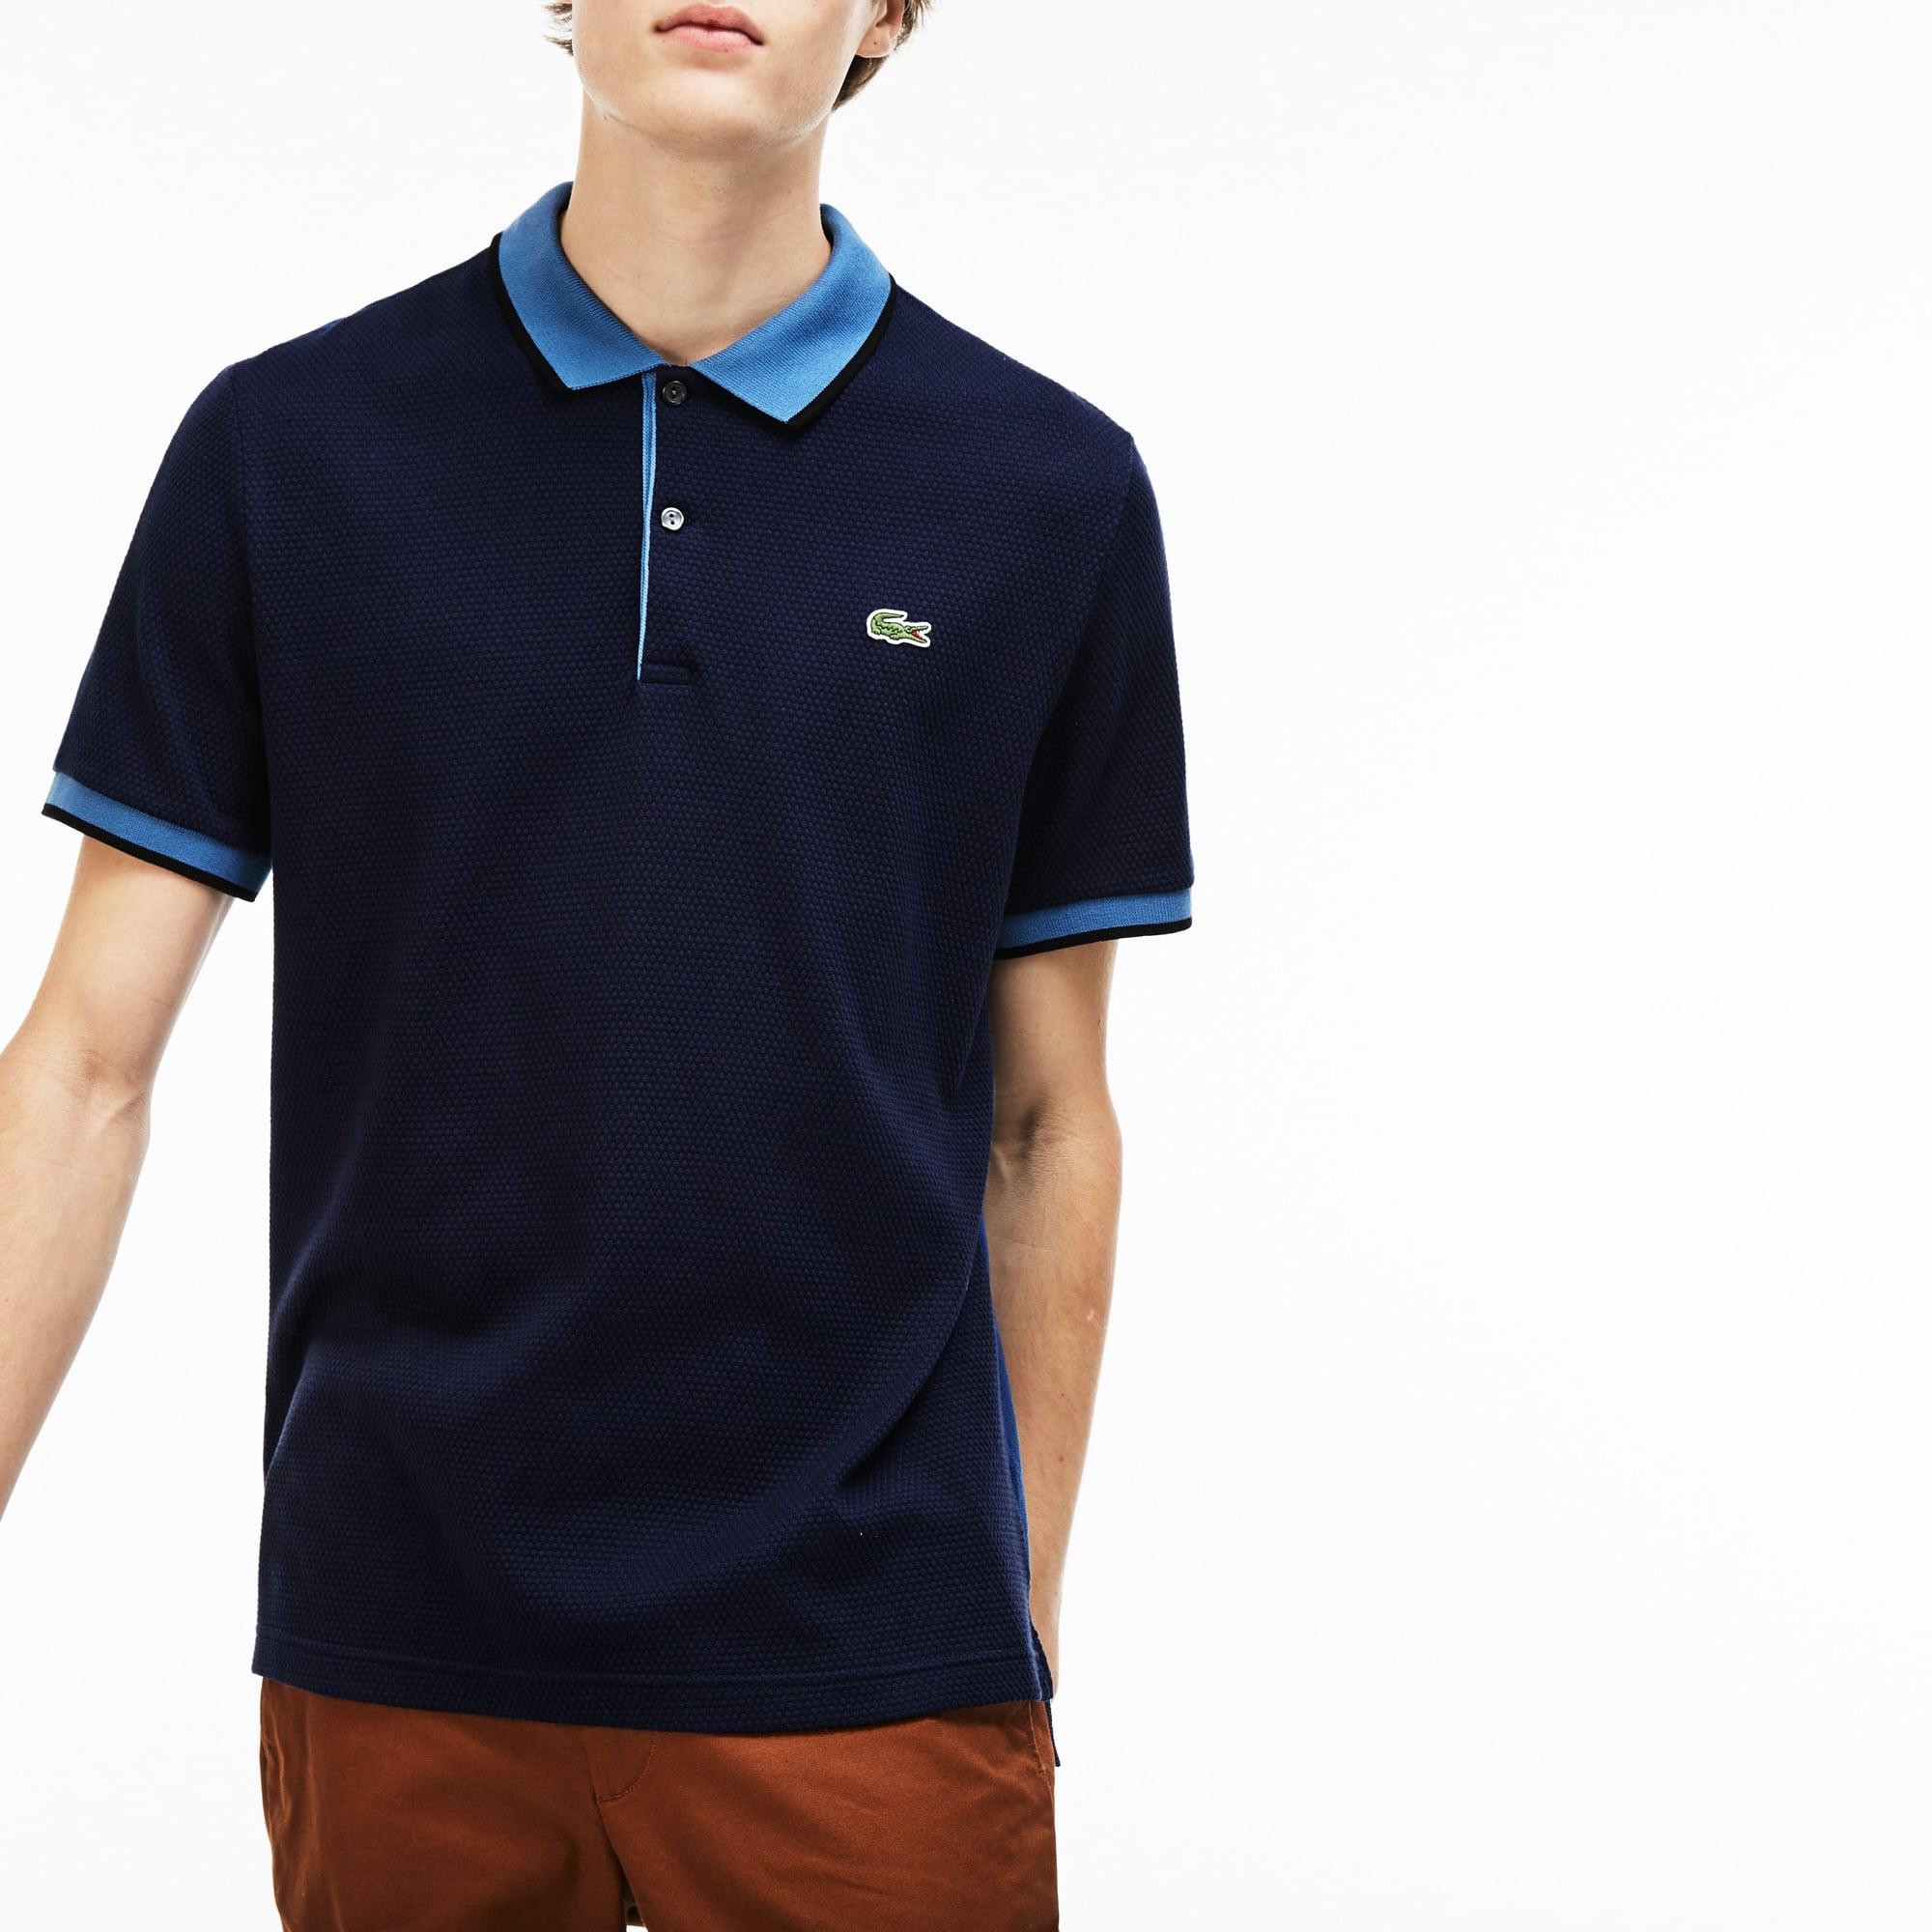 Men's Lacoste LIVE Slim Fit Colorblock Cotton Knit Polo